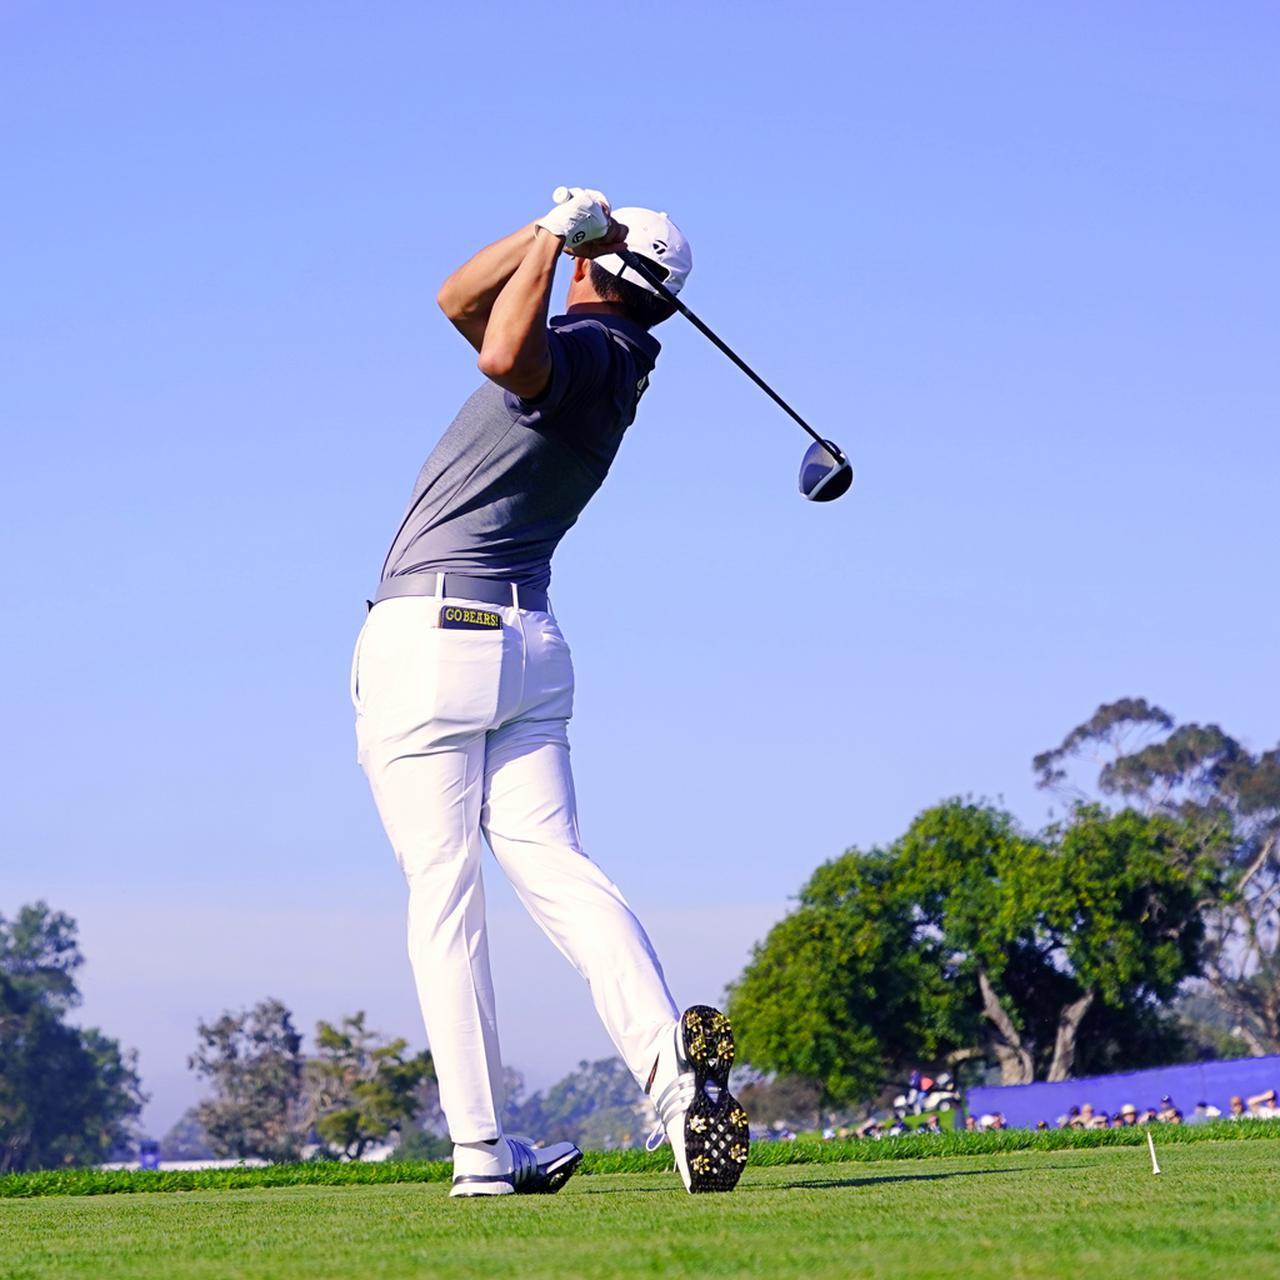 画像1: 【ビクトル・ホブラン/コリン・モリカワ/マシュー・ウルフ】PGAツアーの黄金世代は、すでに全員チャンピオン!